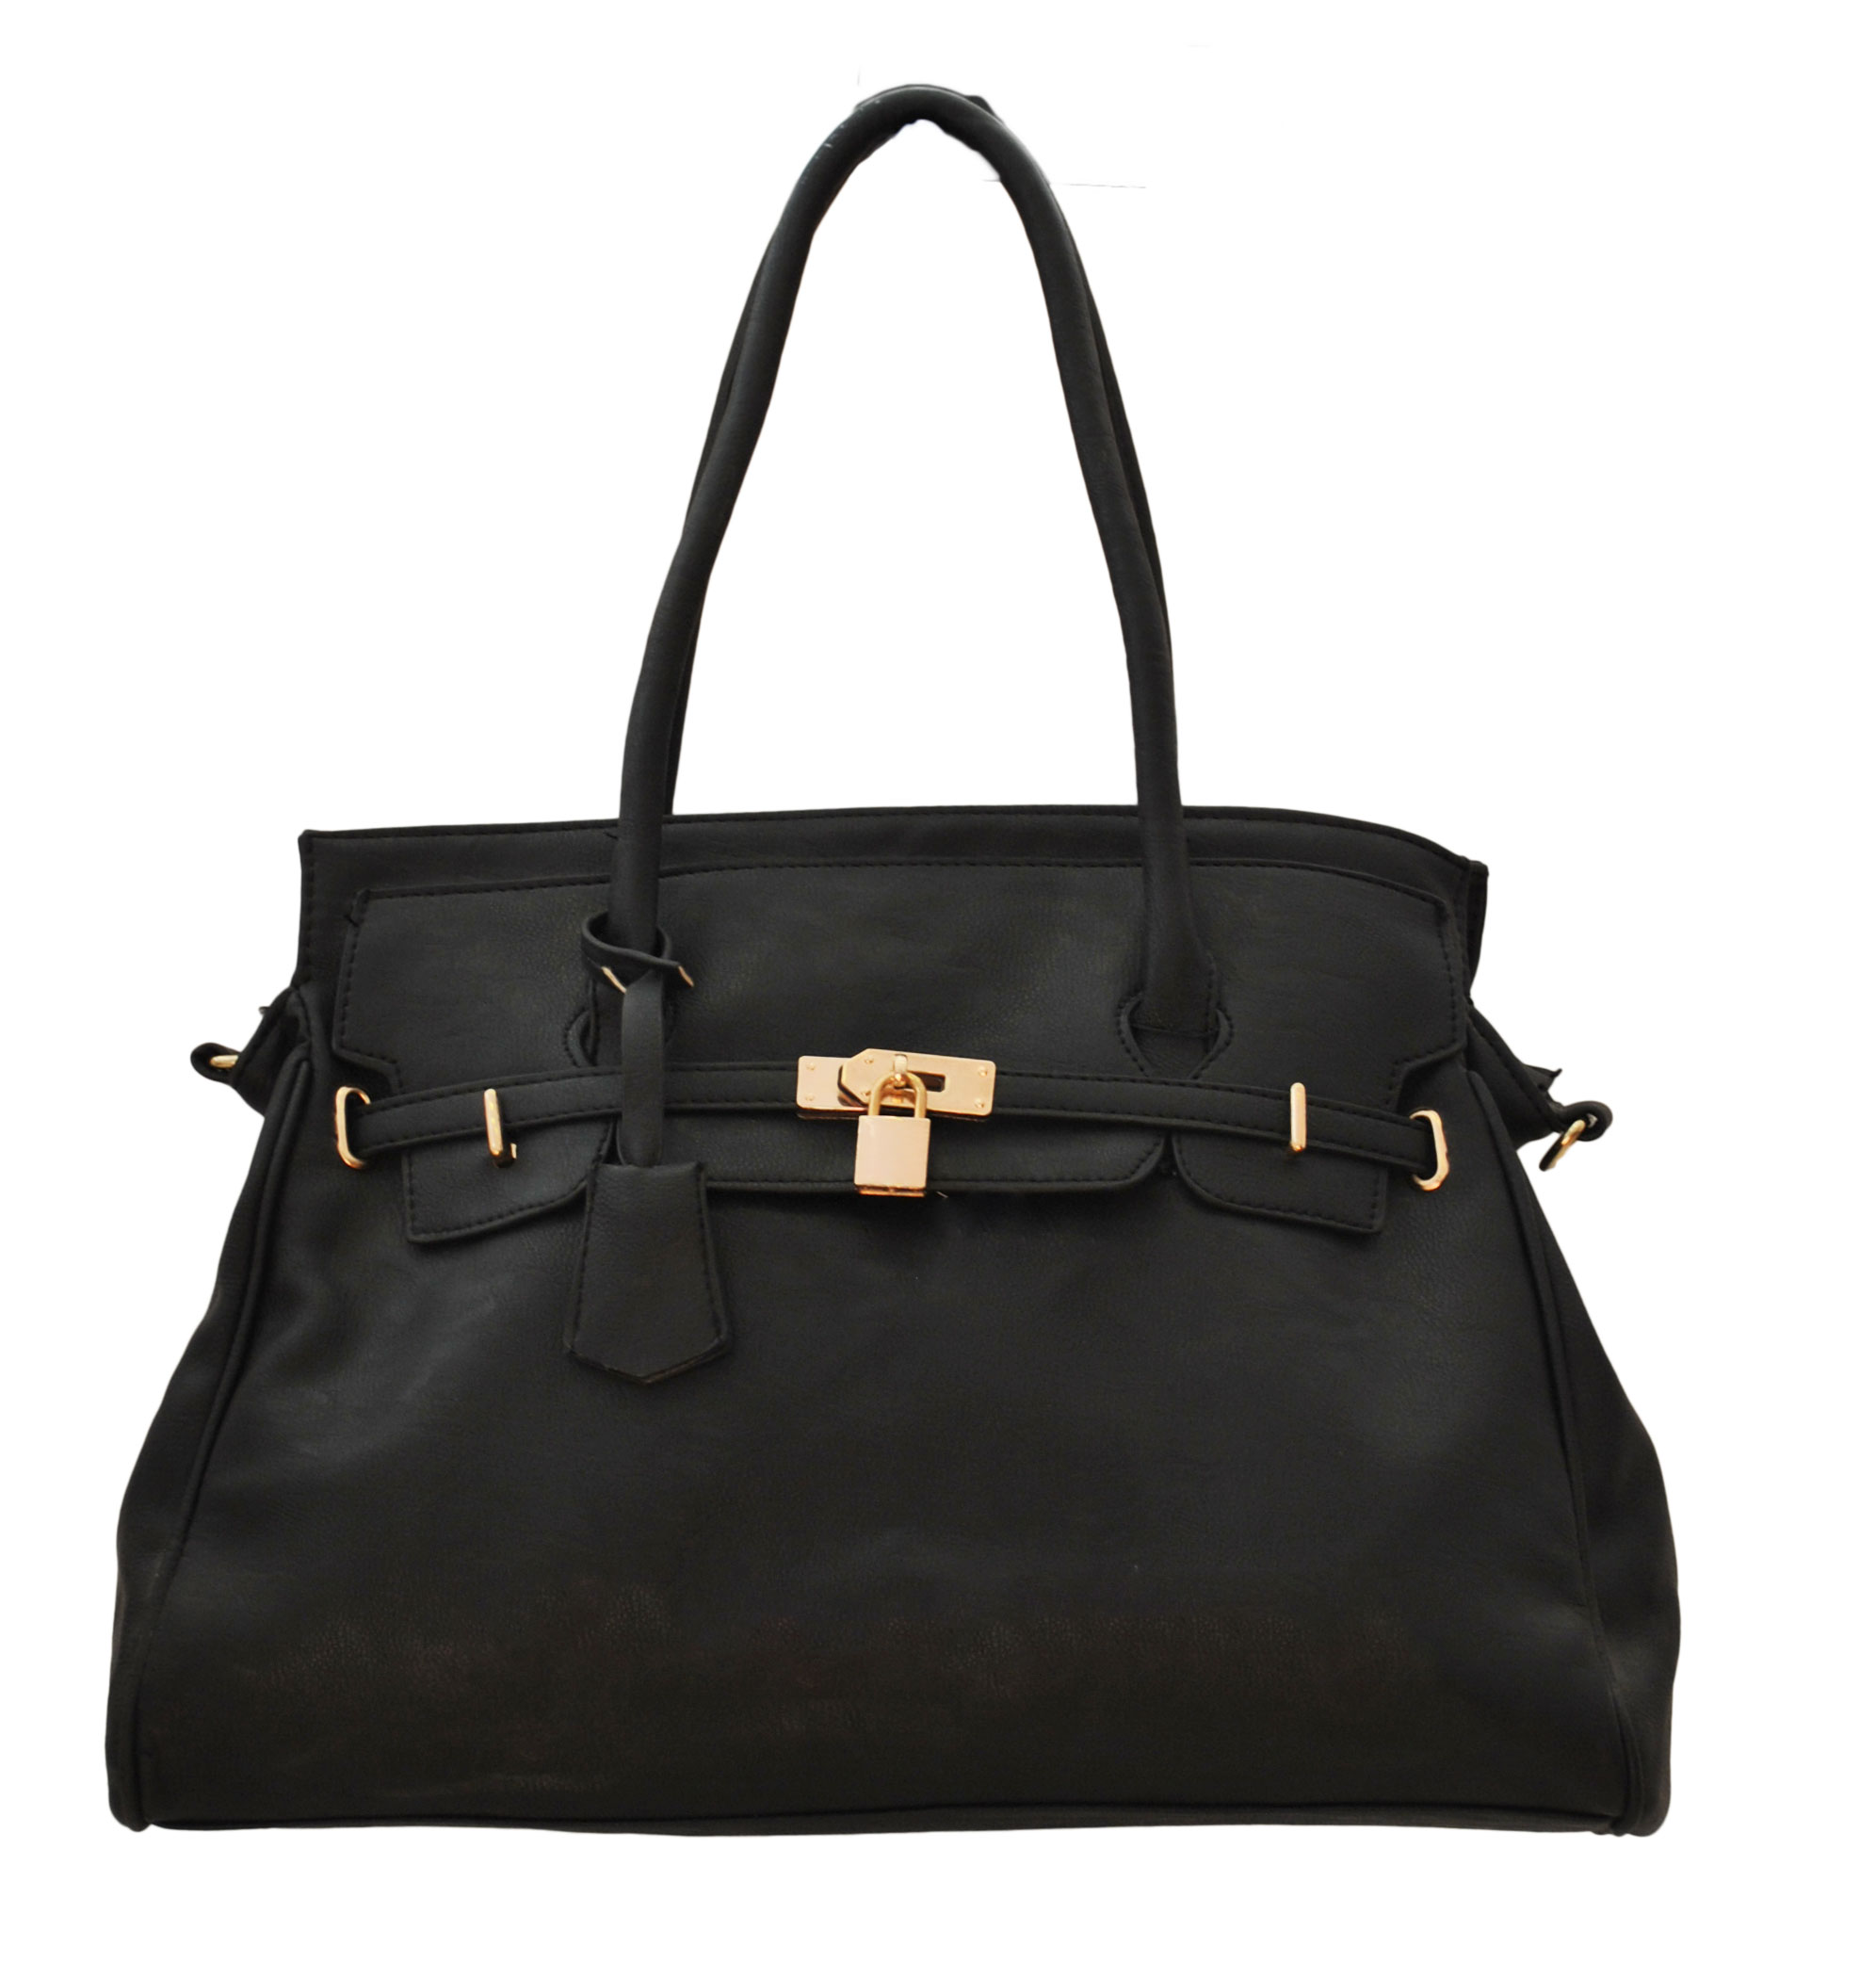 Μαύρη τσάντα ώμου JGL 6806